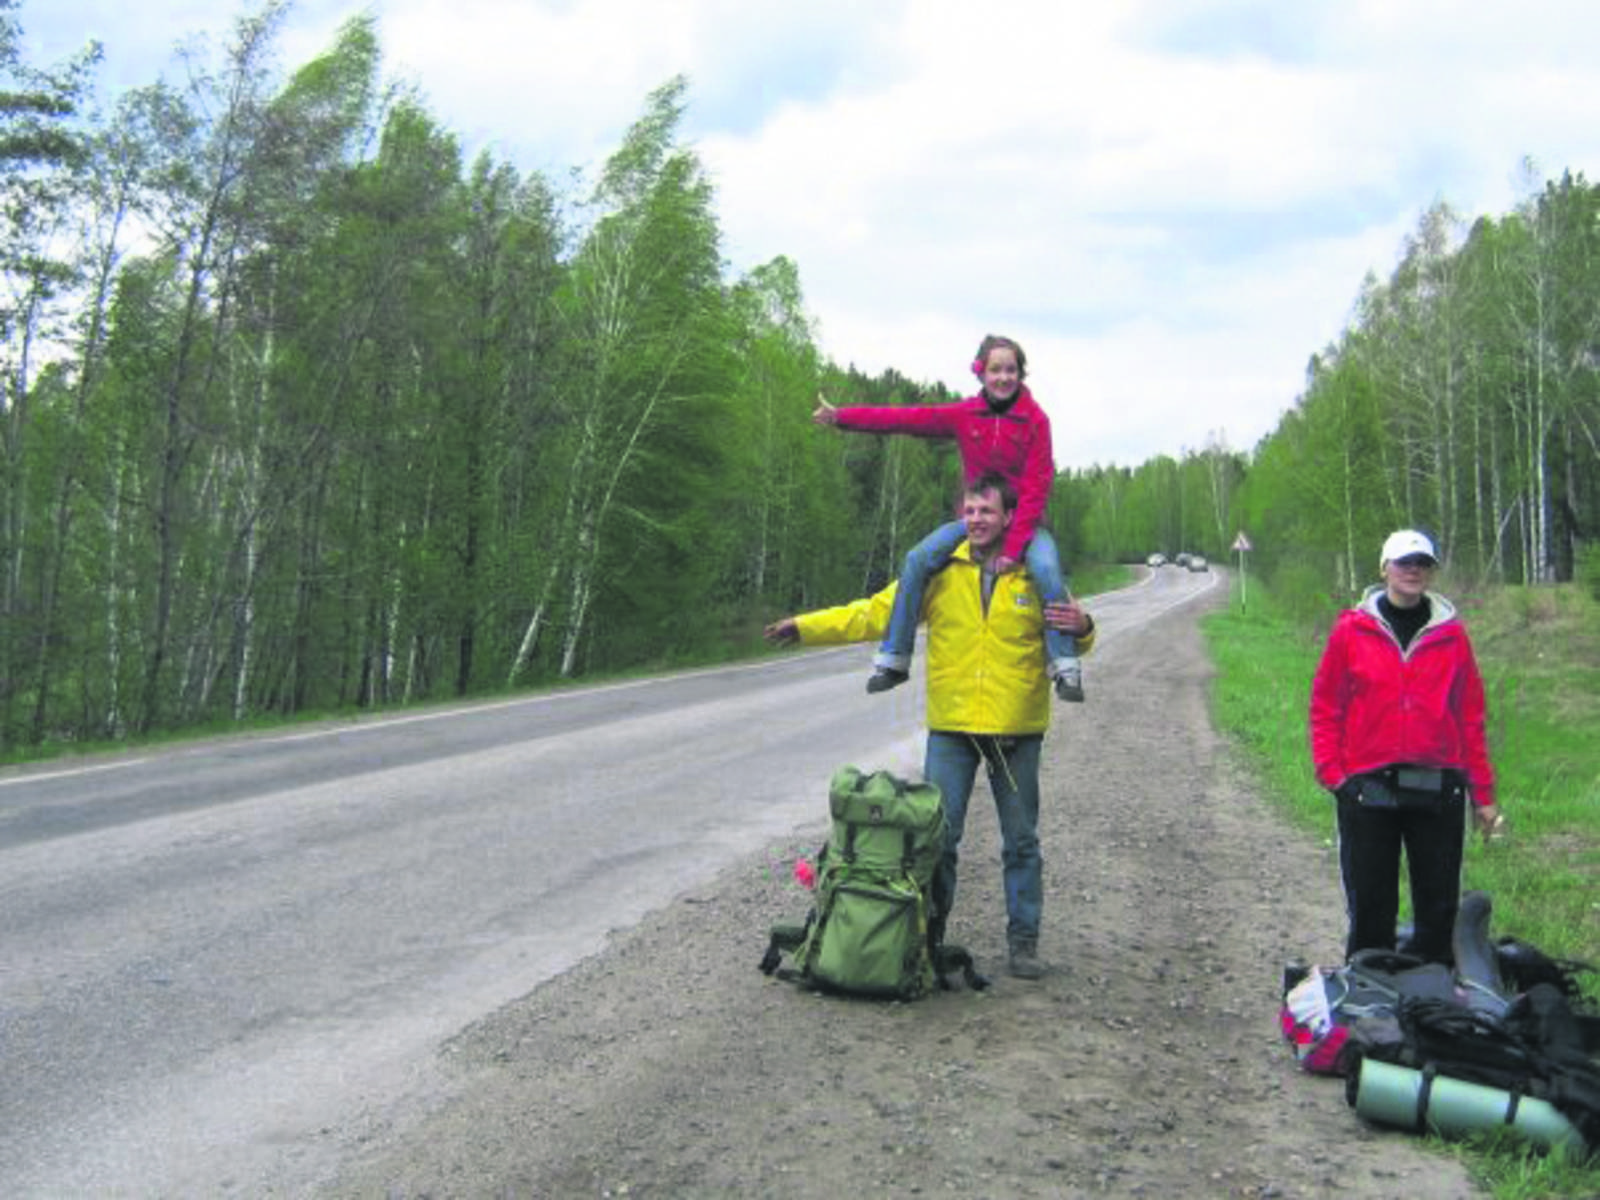 Телка путешествует автостопом фото 22 фотография